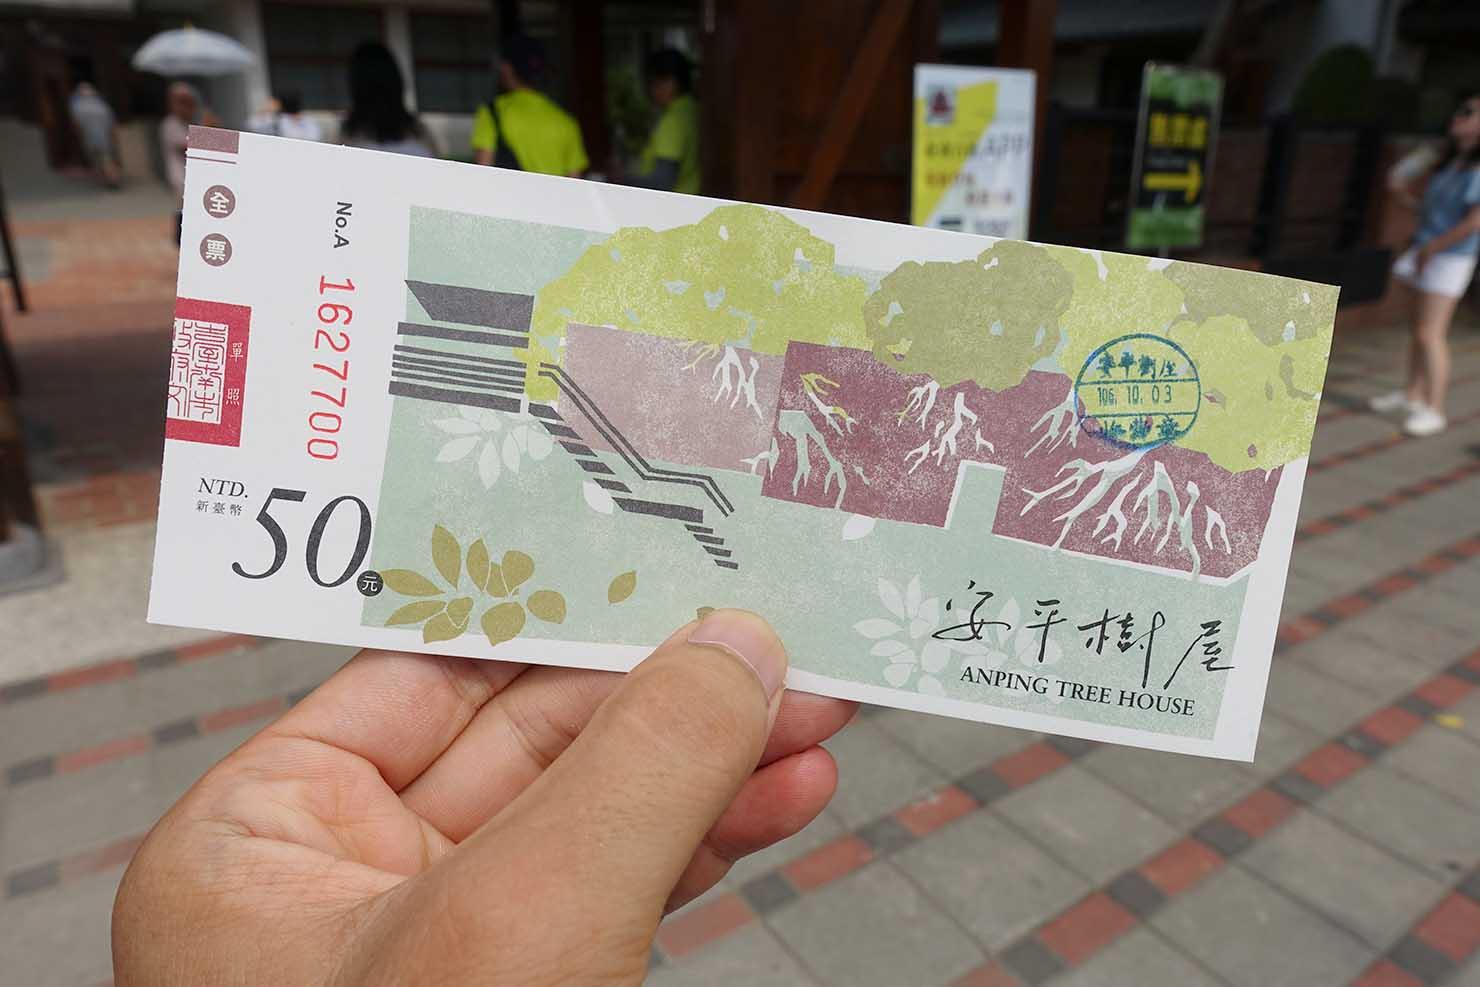 台湾の古都・台南のおすすめ観光スポット「安平樹屋」のチケット